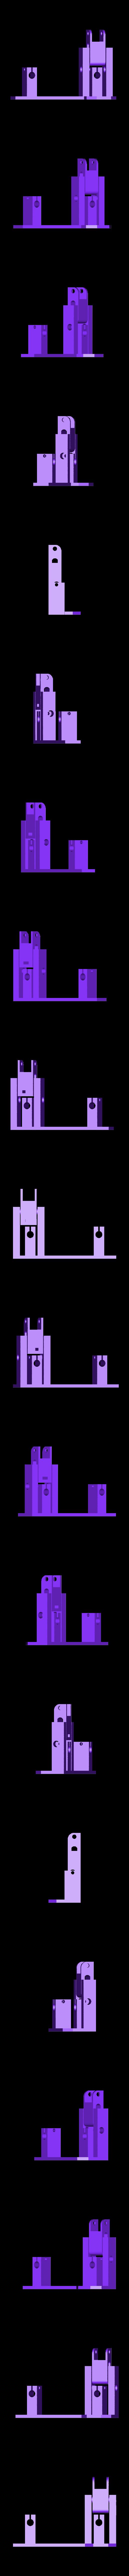 Rod_Clamp_V5.STL Télécharger fichier STL gratuit Barman robotique • Plan à imprimer en 3D, DIYMachines